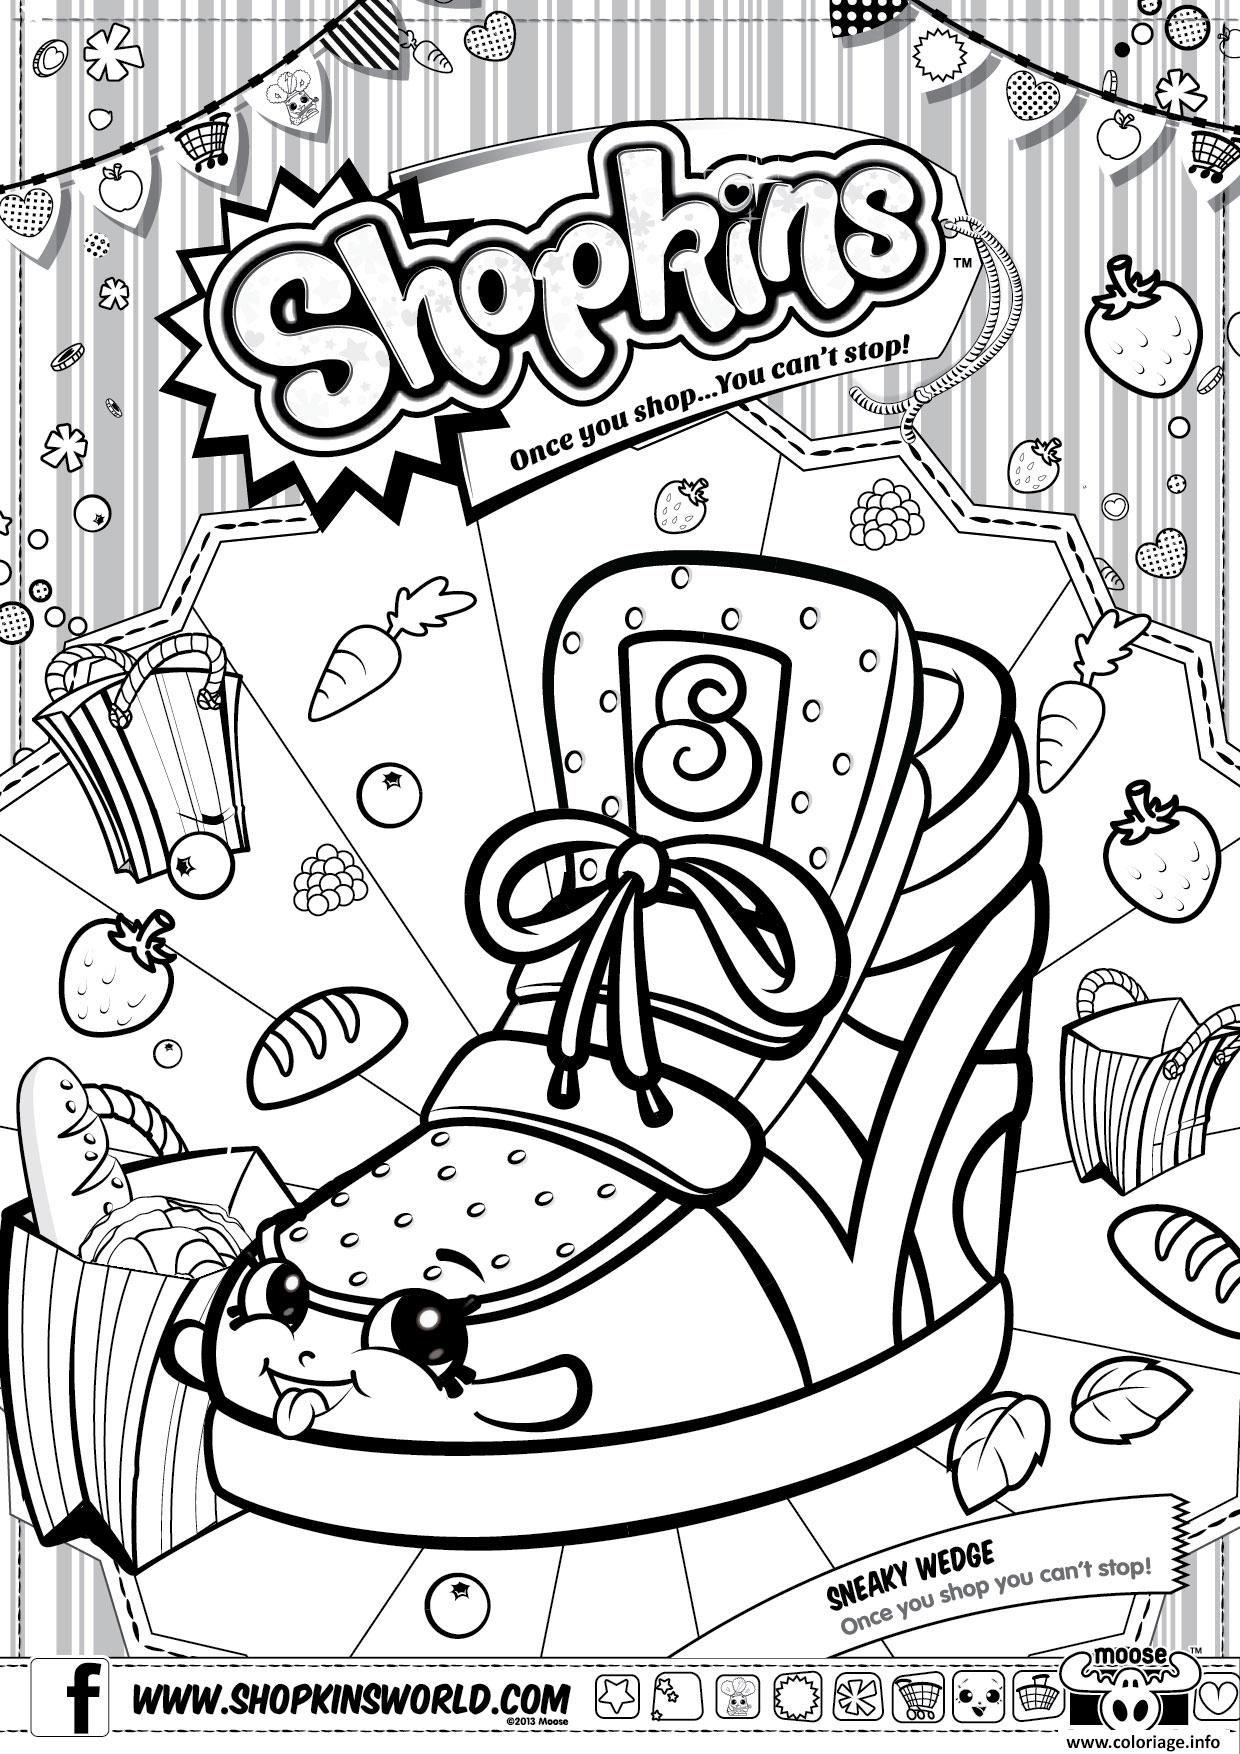 Épinglé Par Mindofmilla Sur Children | Coloriage Shopkins concernant Dessin À Colorier Sur L Ordinateur